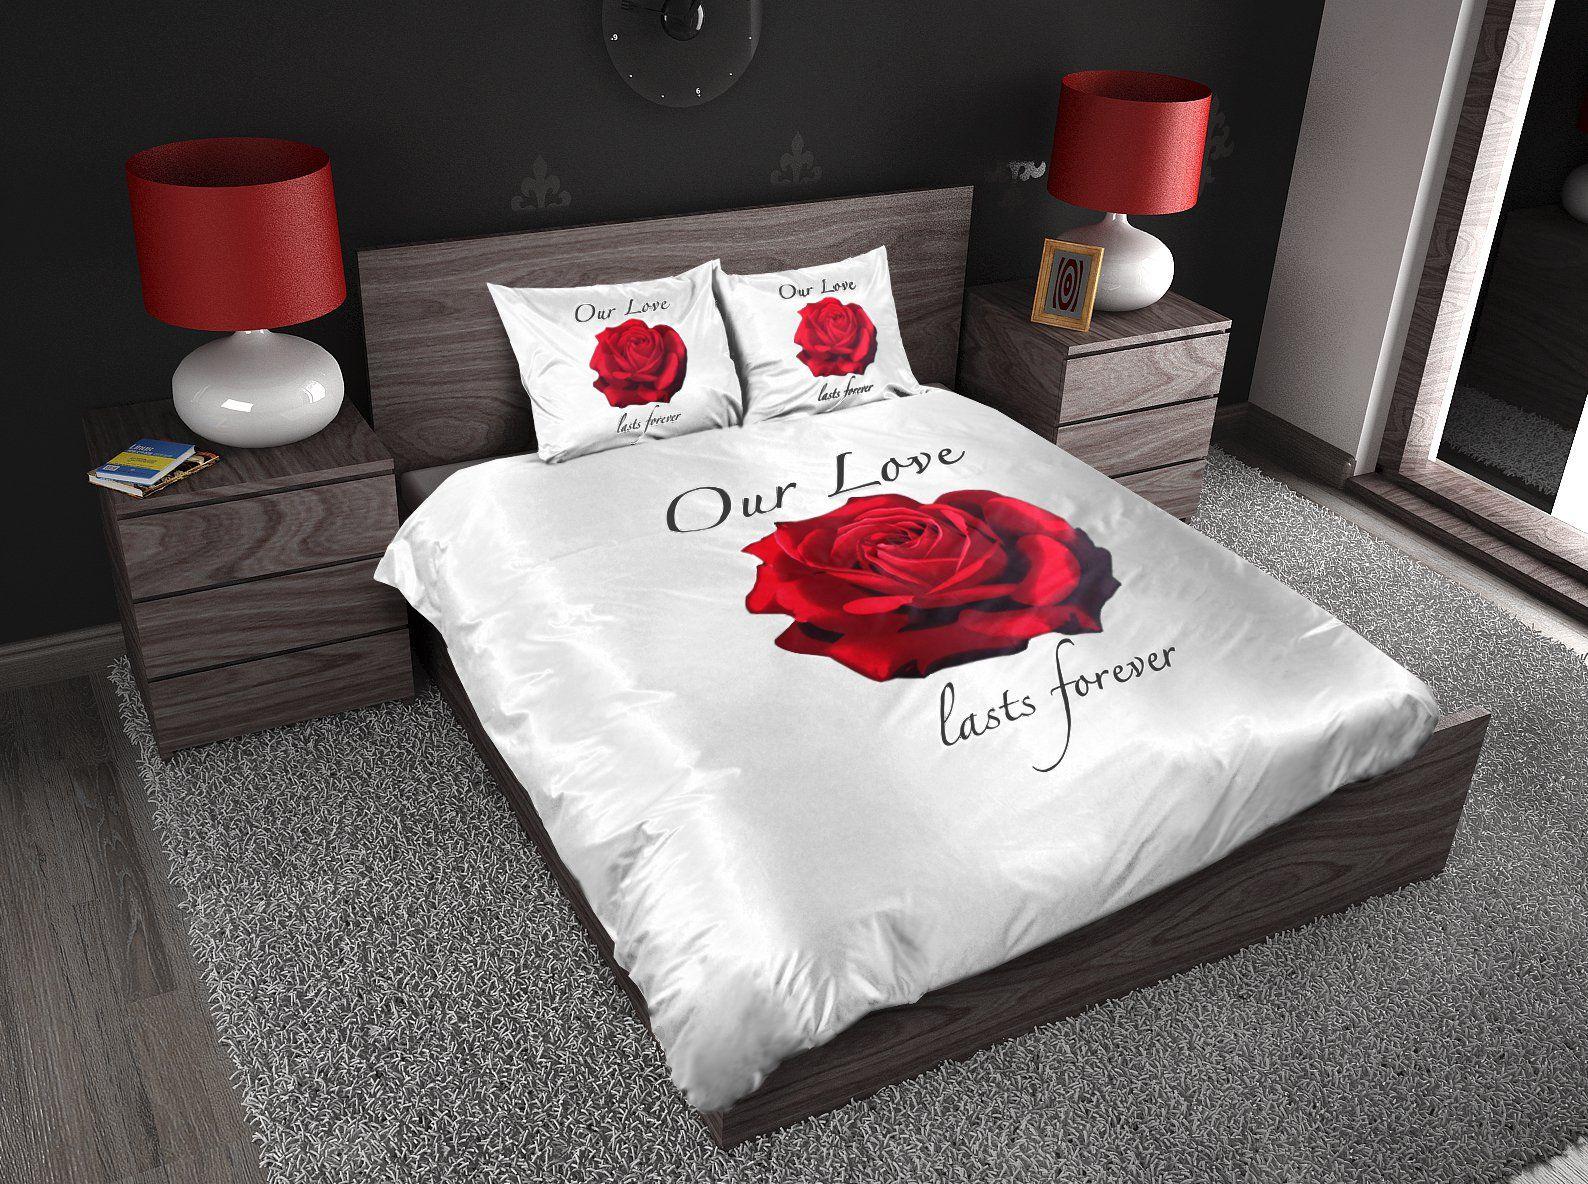 Bed Met Rozen.Sleeptime Our Love Dekbedovertrek Kopen Romantisch Dekbed Met Rozen